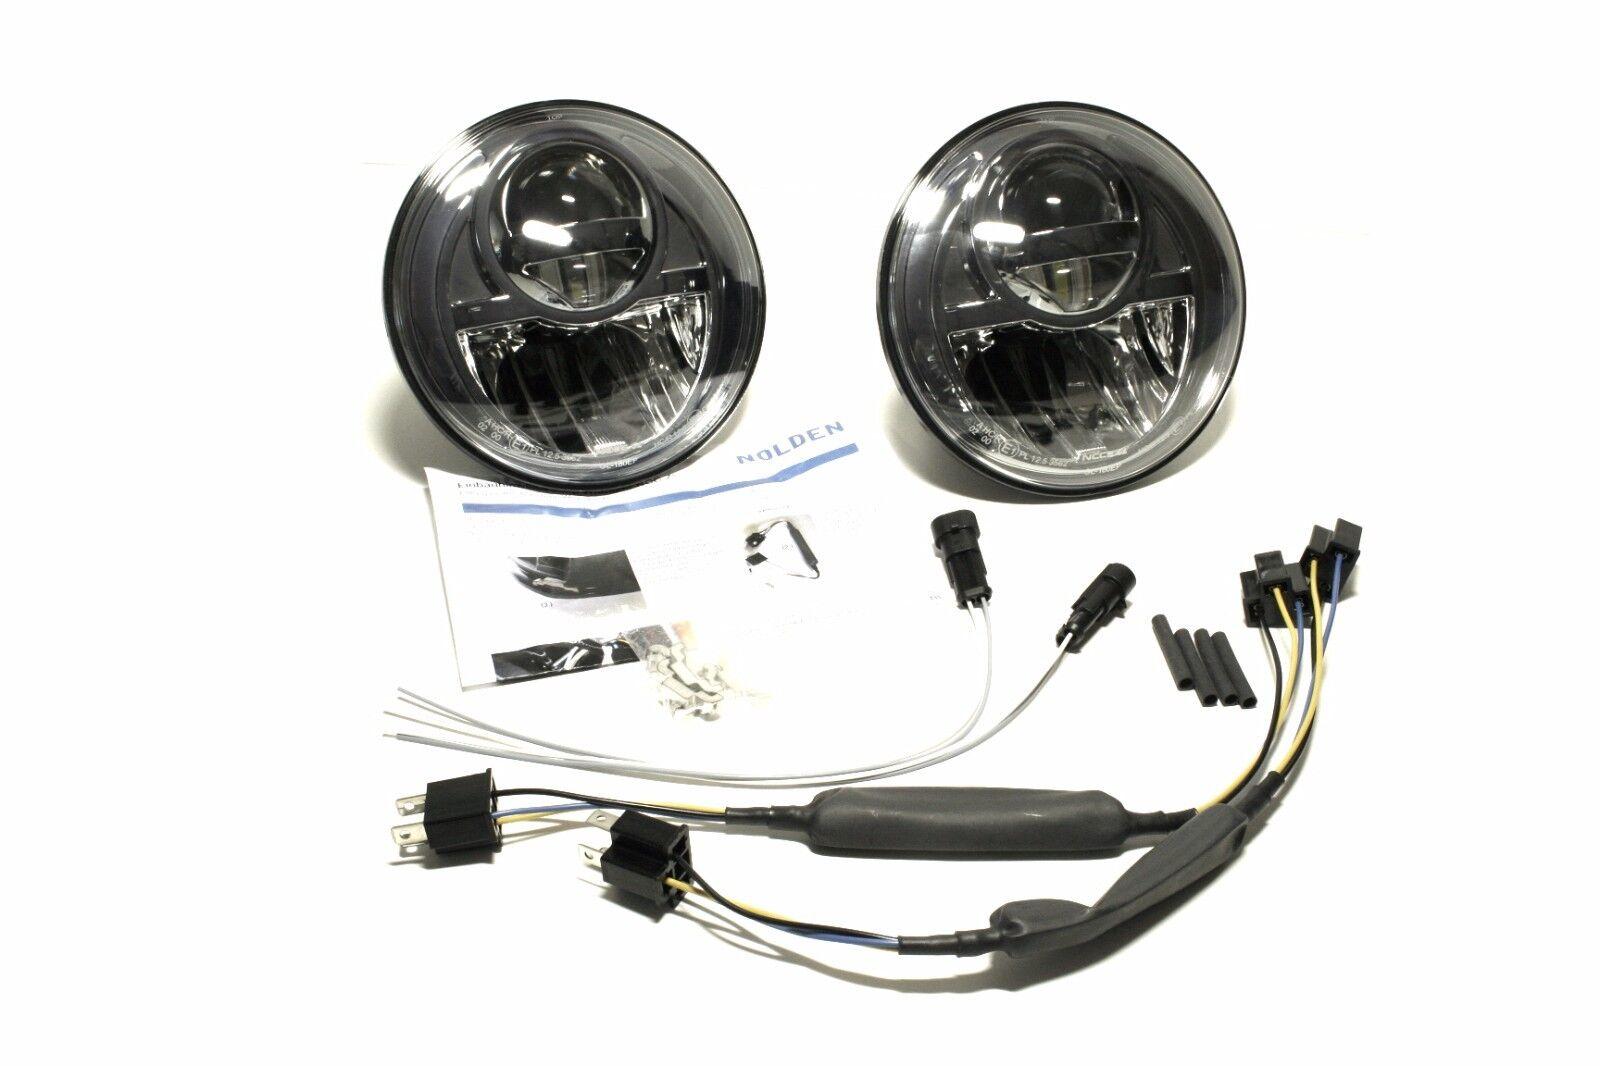 ncc nolden full led bi led hi lo headlights dark chrome. Black Bedroom Furniture Sets. Home Design Ideas